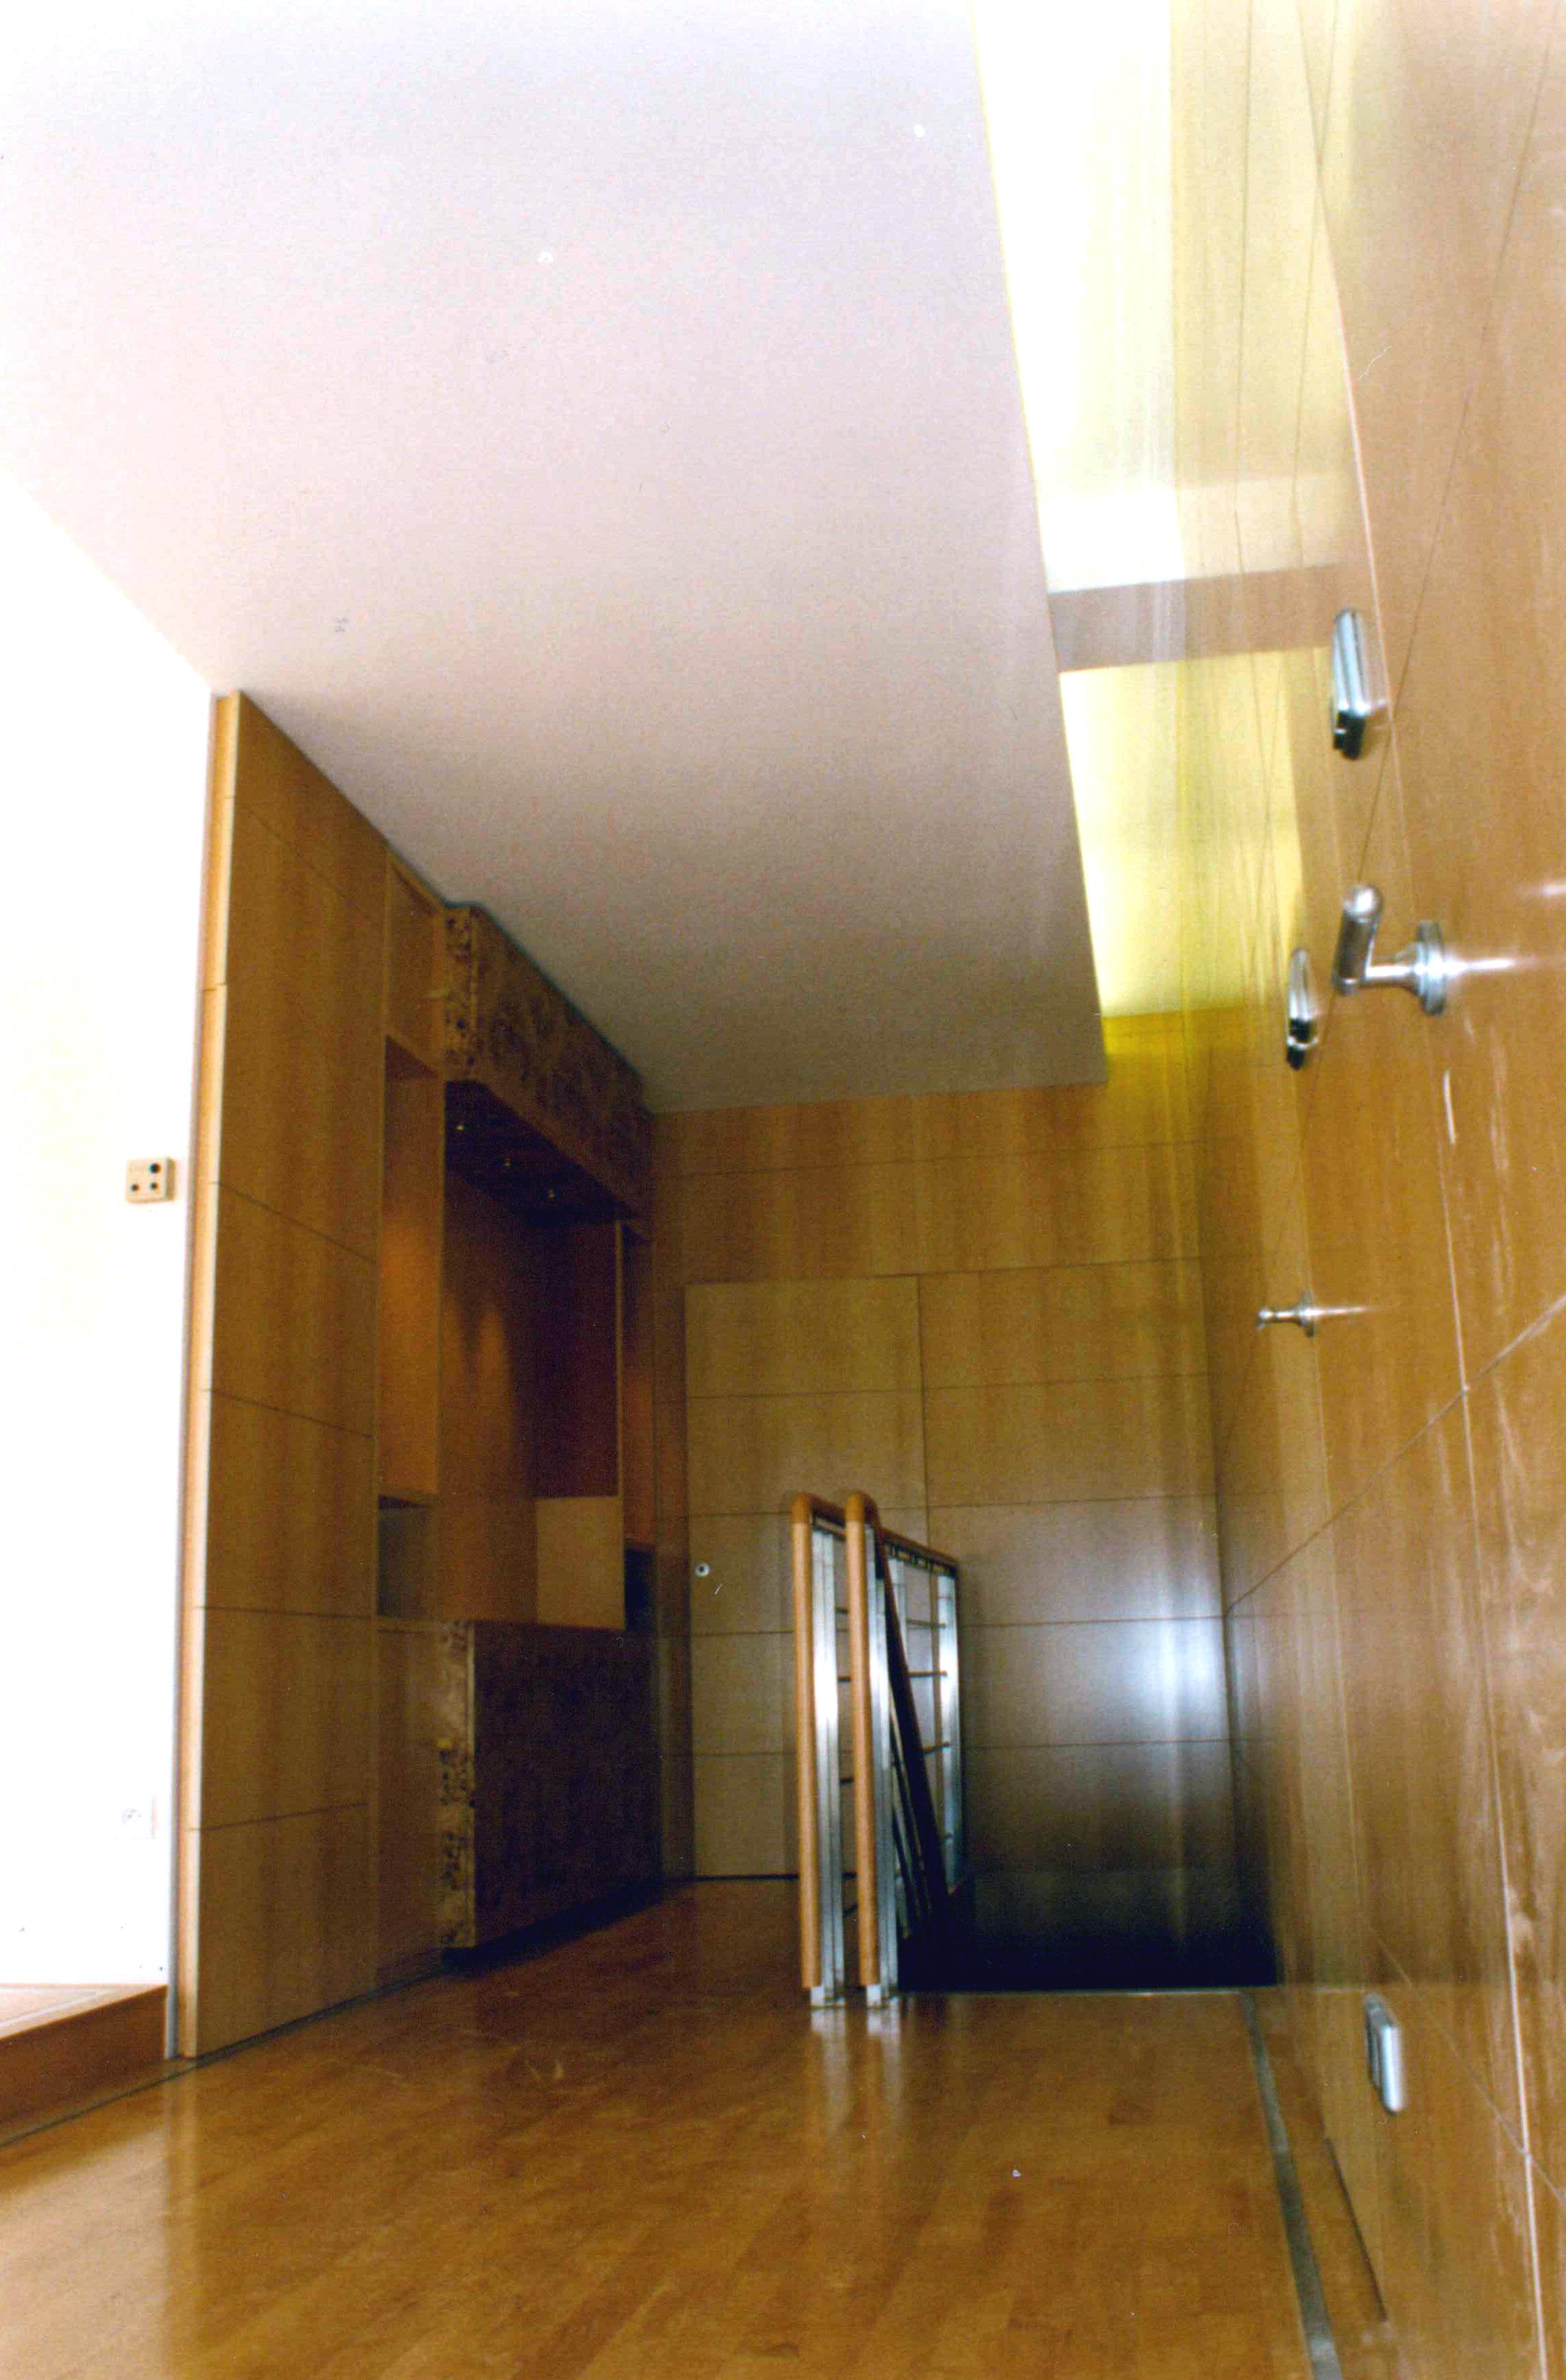 am nagement int rieur d 39 un duplex vichy m tre carr m tre carr. Black Bedroom Furniture Sets. Home Design Ideas